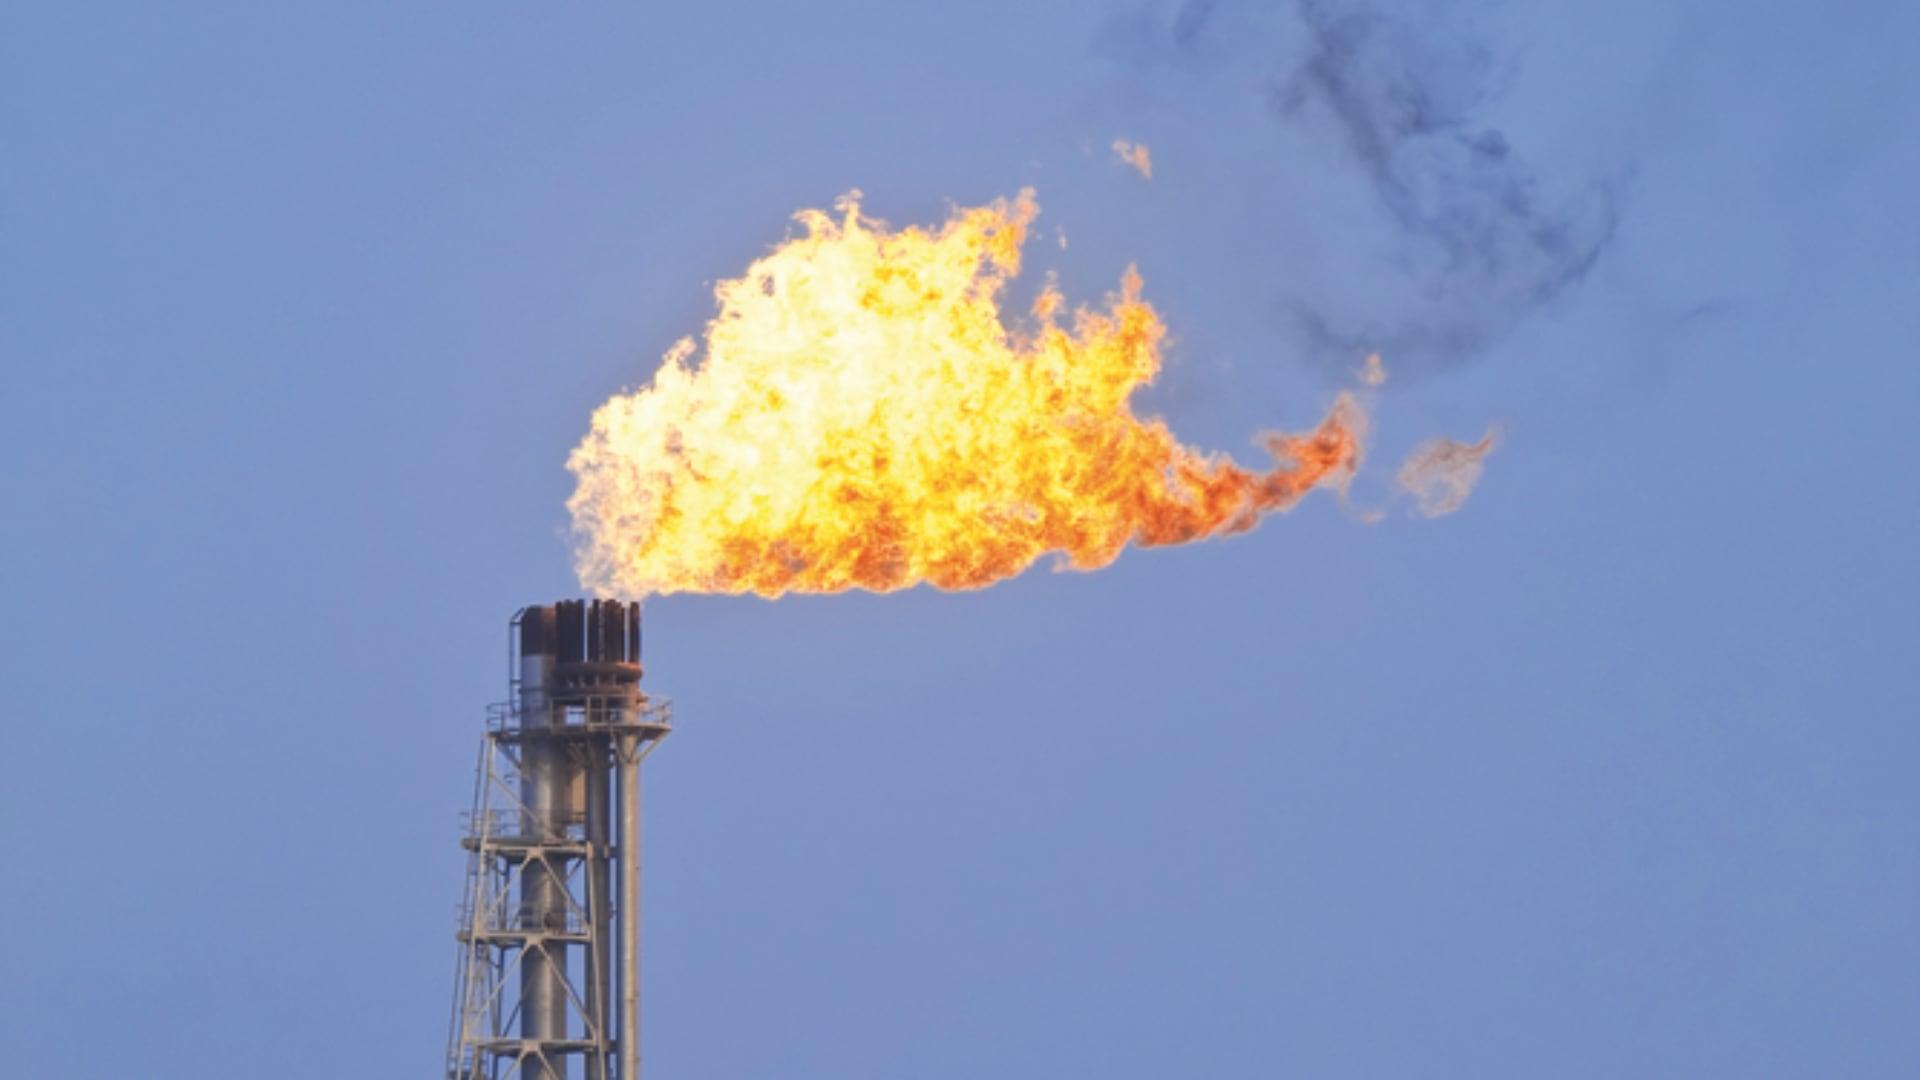 Refineries odour measurement